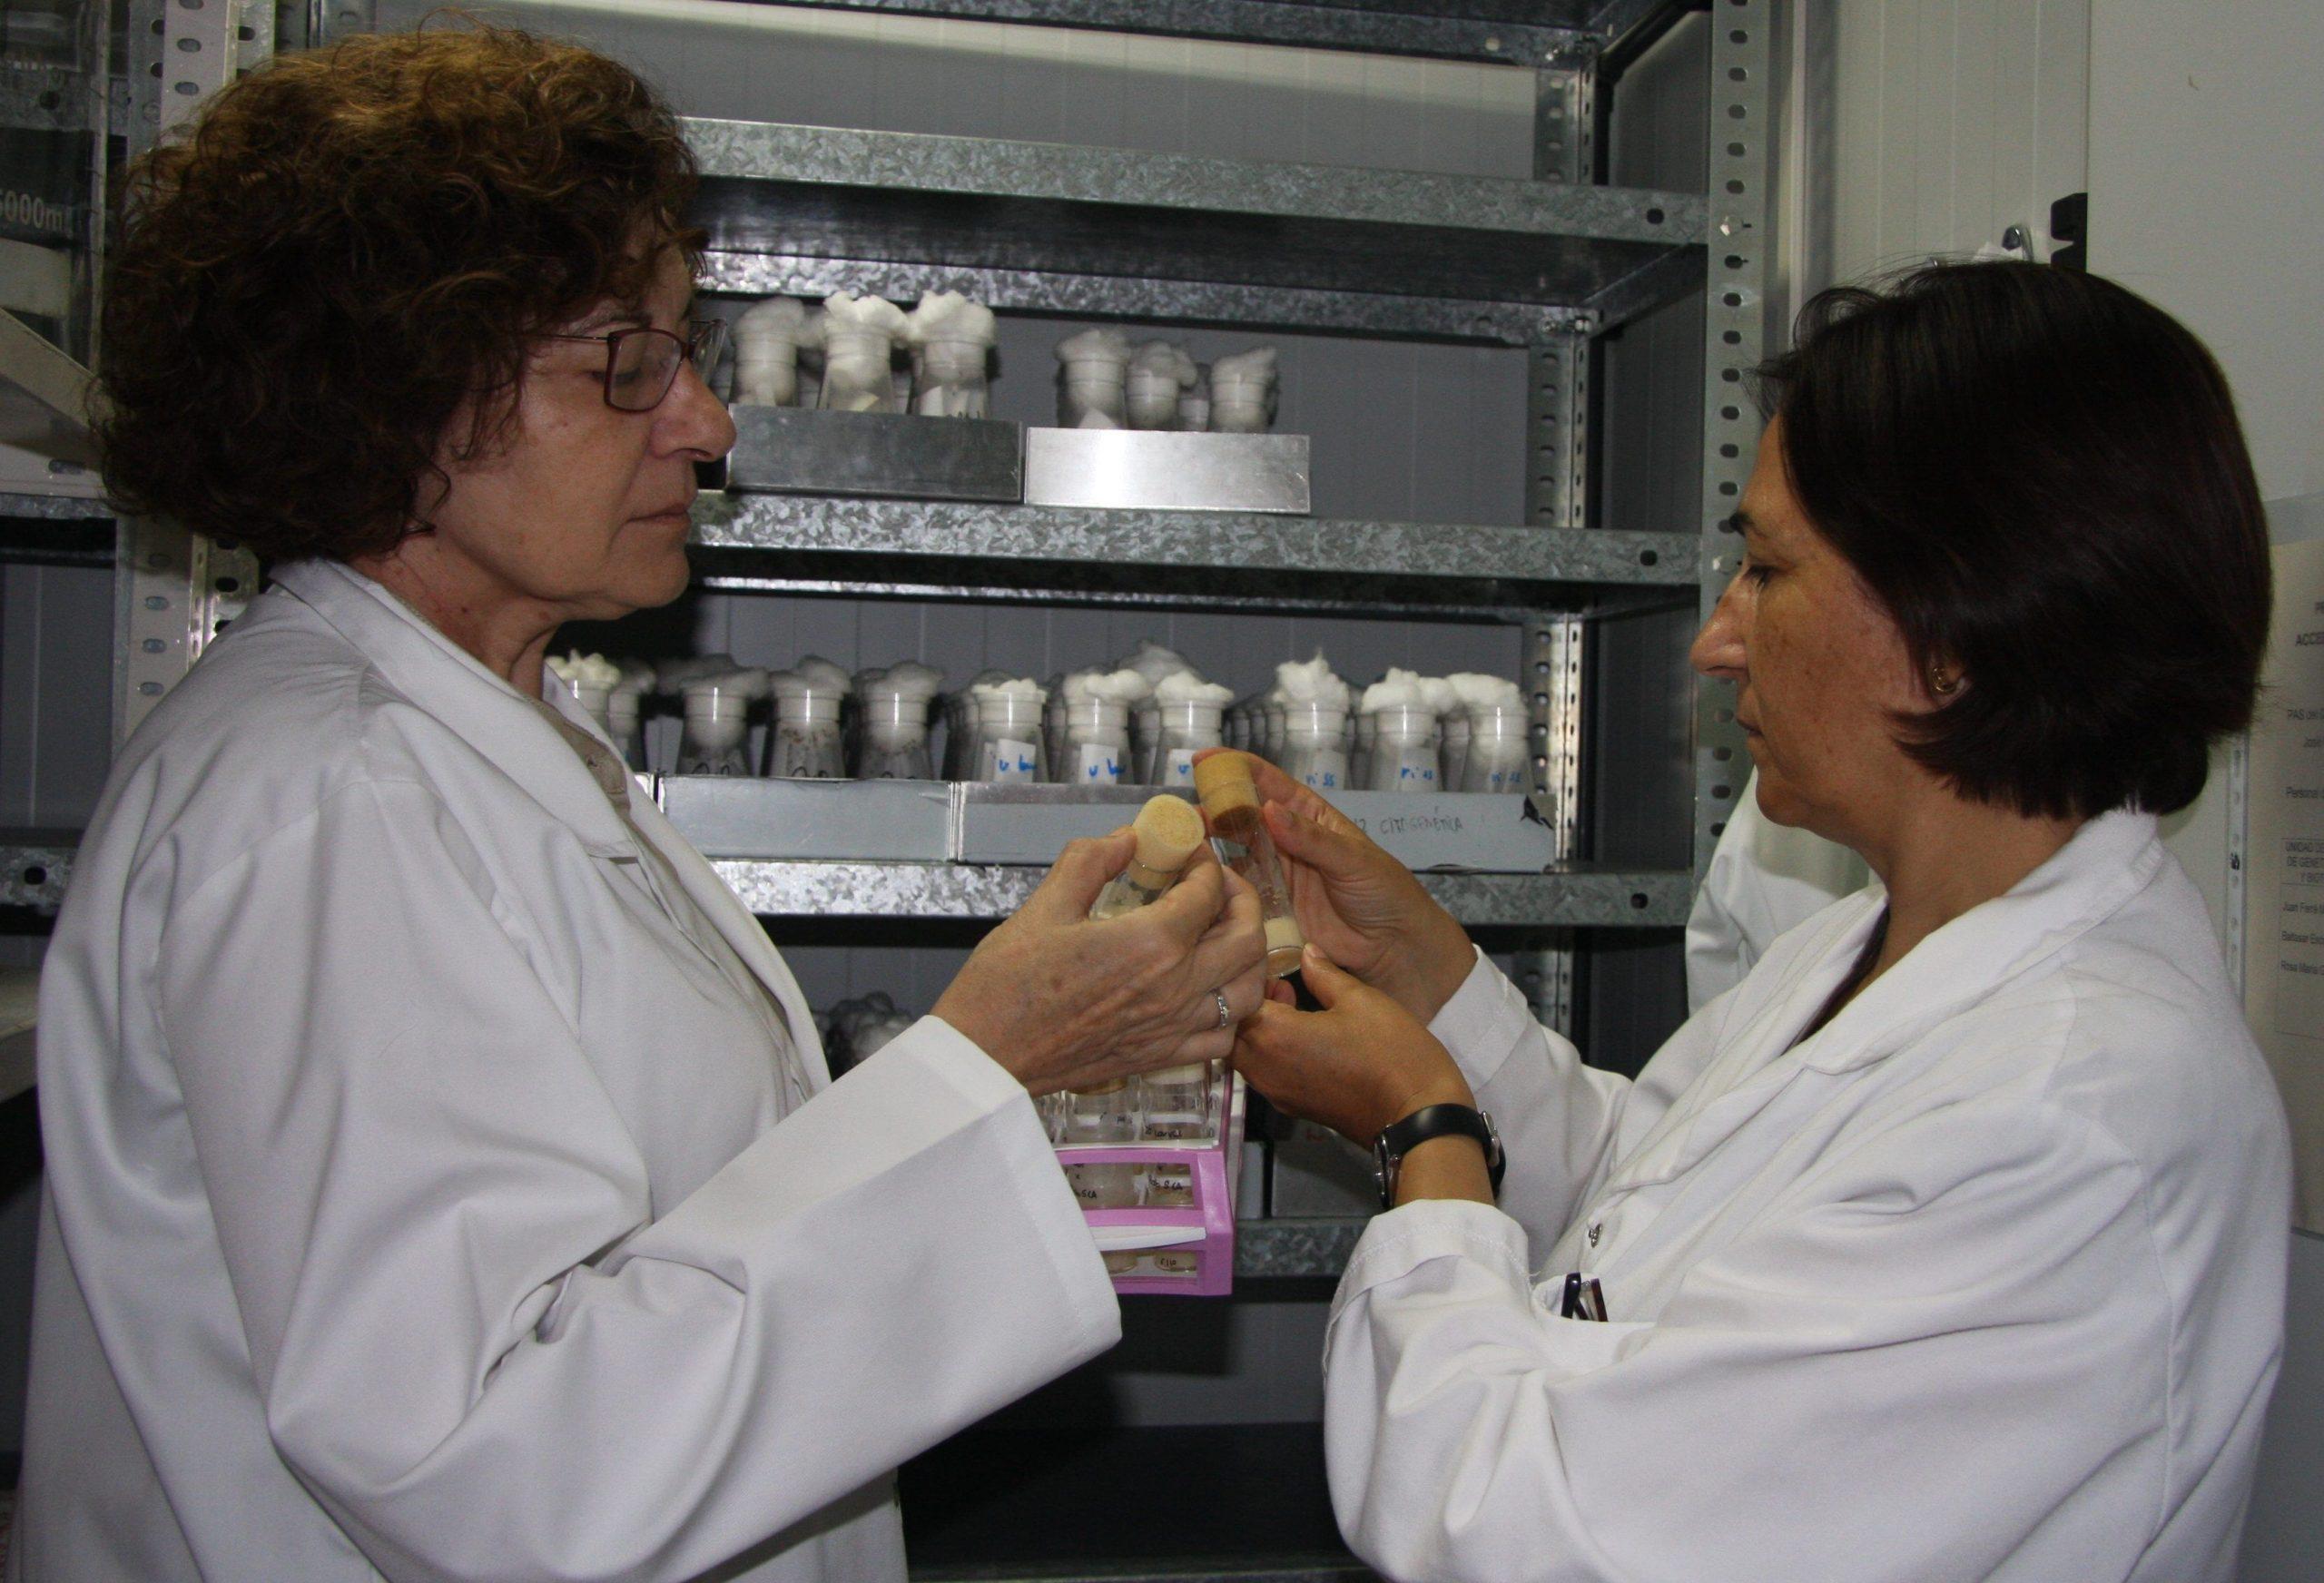 El equipo de investigación de María Dolores Moltó ha desarrollado varios modelos de Ataxia de Friedreich en Drosophila. En la imagen se muestra la cámara donde se mantienen las líneas de moscas. Fotografía: Lucía Márquez, Medigene Press S.L..